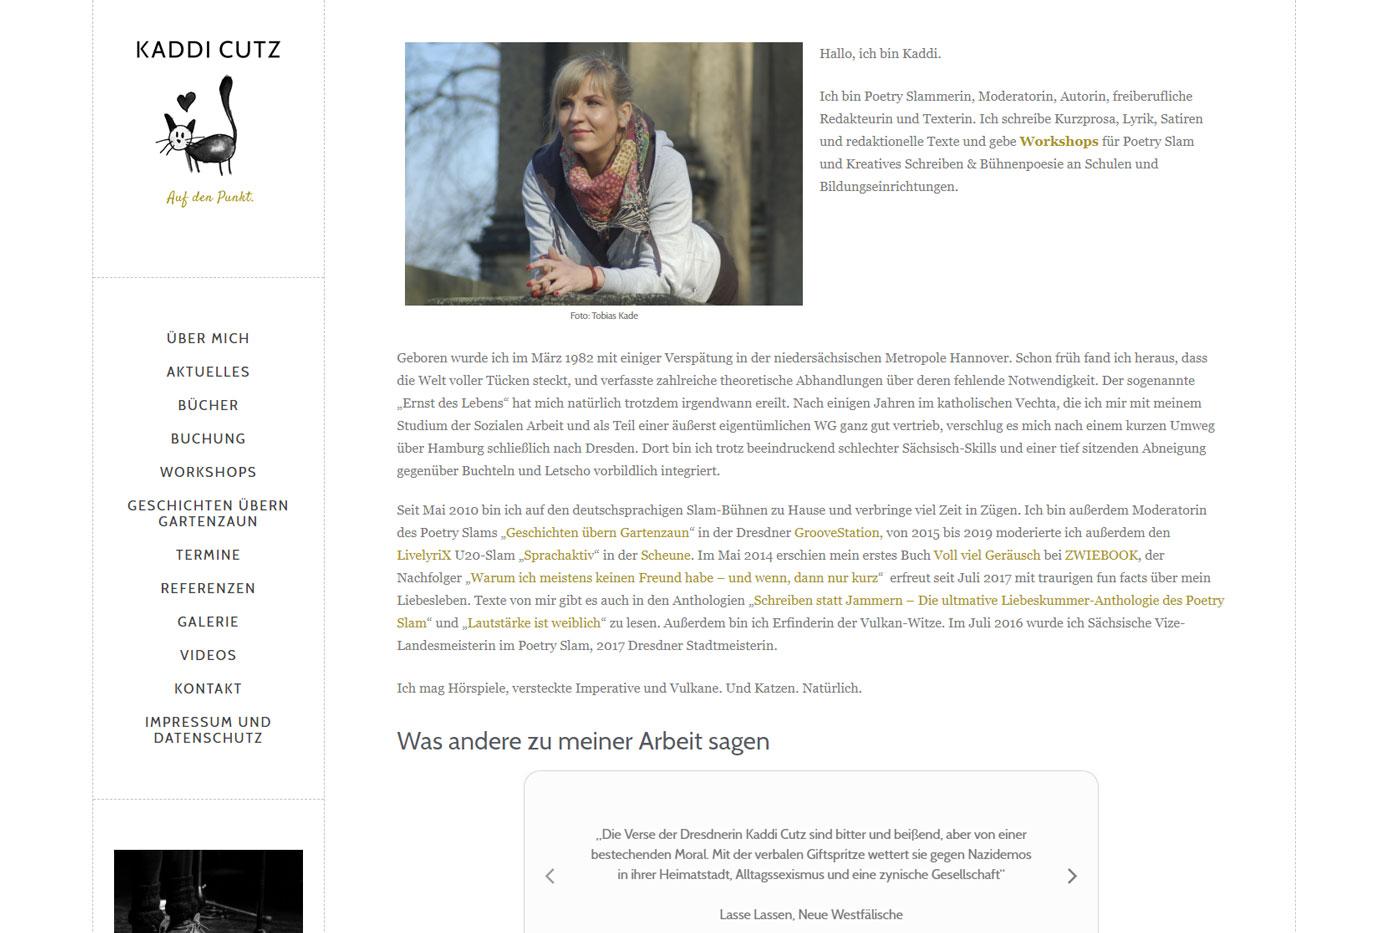 Kaddi Cutz Poetry Slammerin